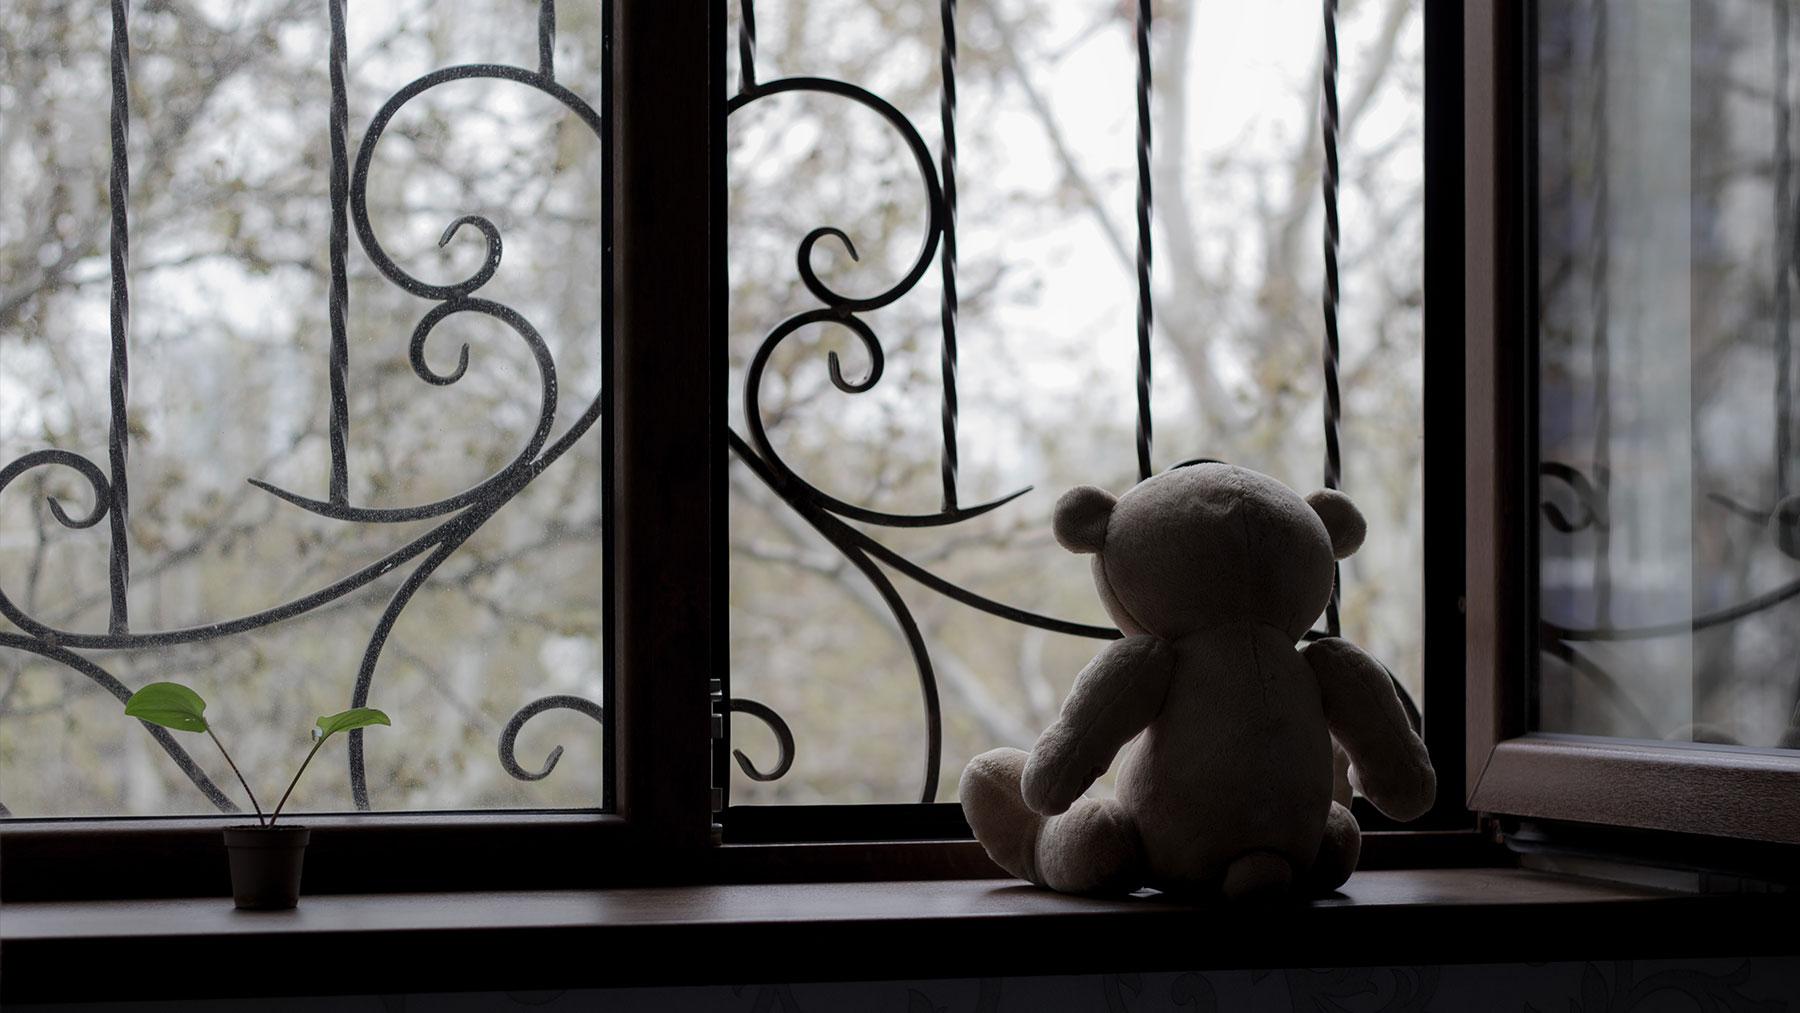 Foto van knuffelbeer die uit een open raam kijkt.